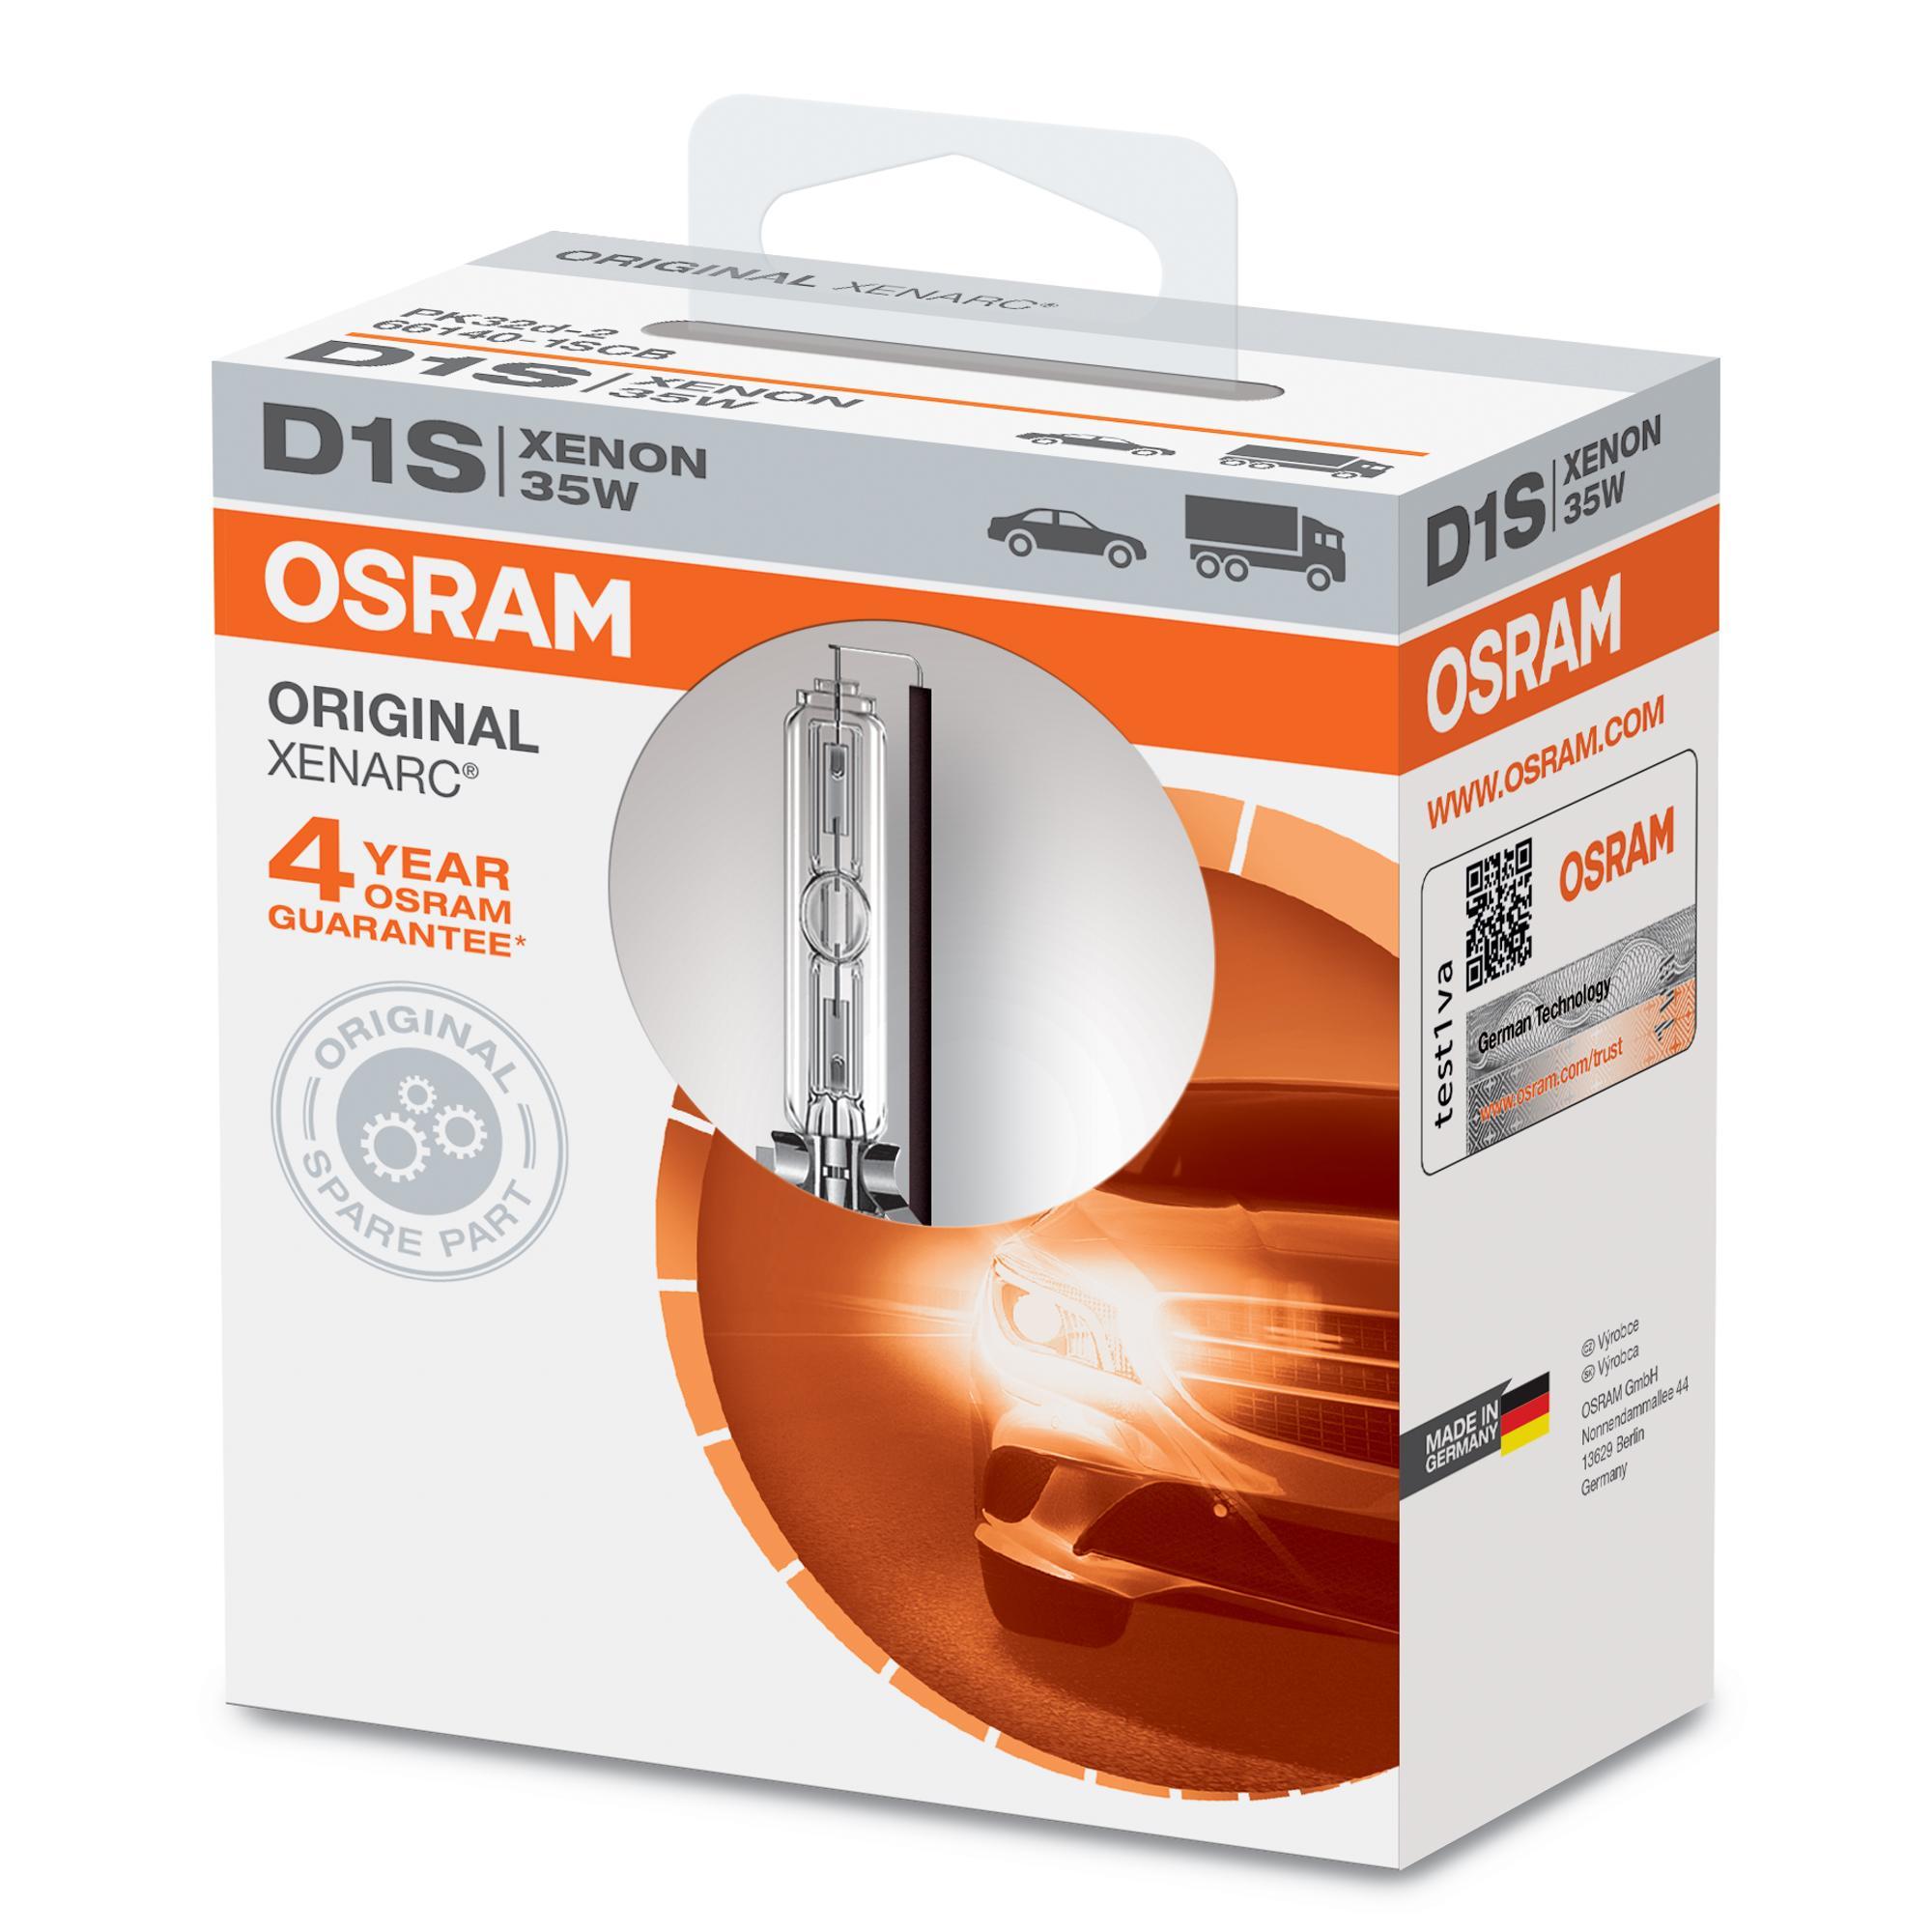 Glühlampe, Fernscheinwerfer 66140 bei Auto-doc.ch günstig kaufen